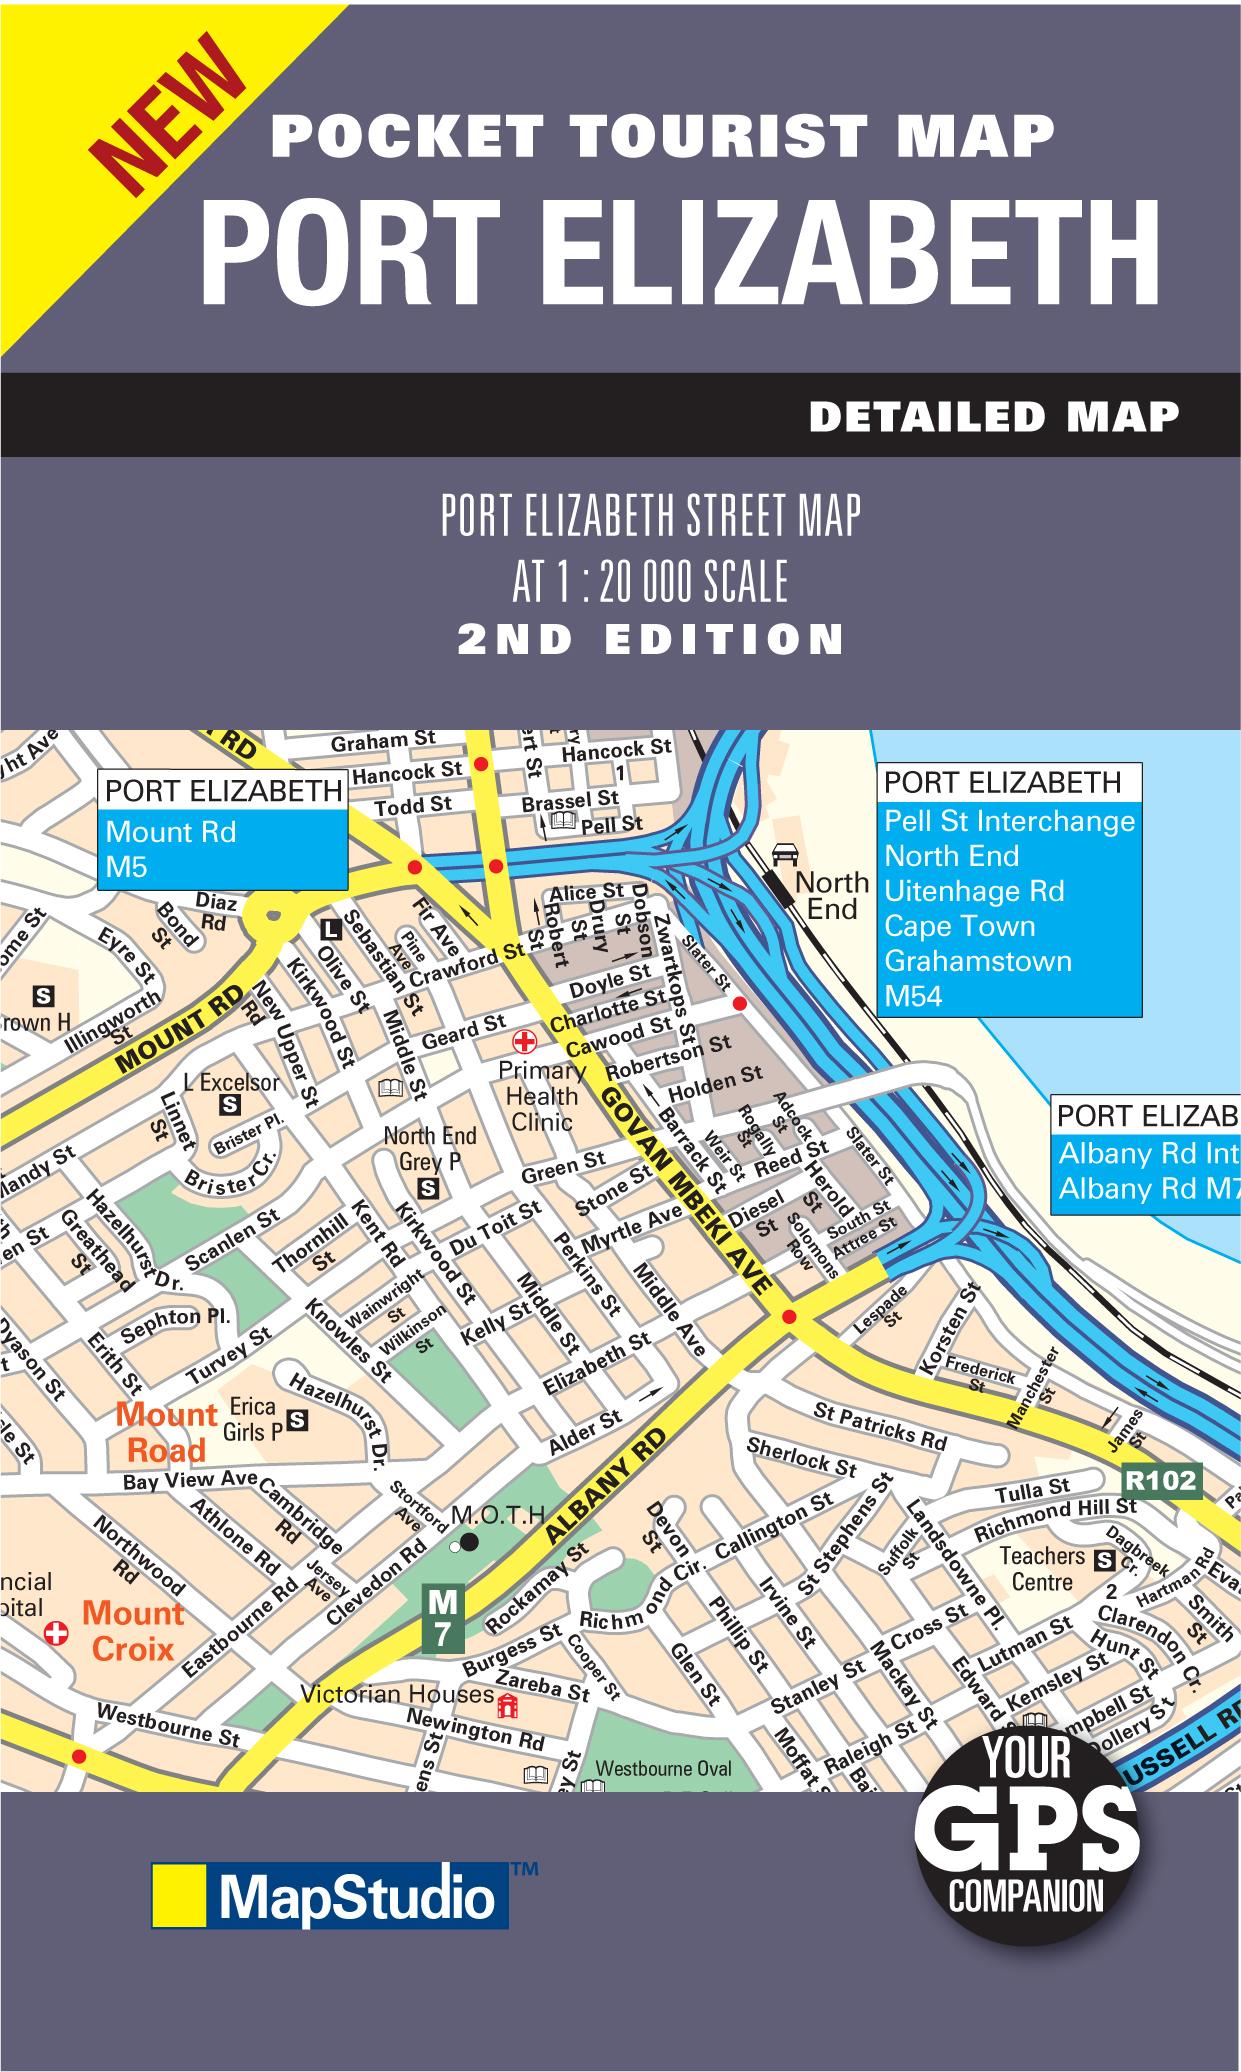 Port elizabeth pocket map mapstudio - Port elizabeth south africa map ...